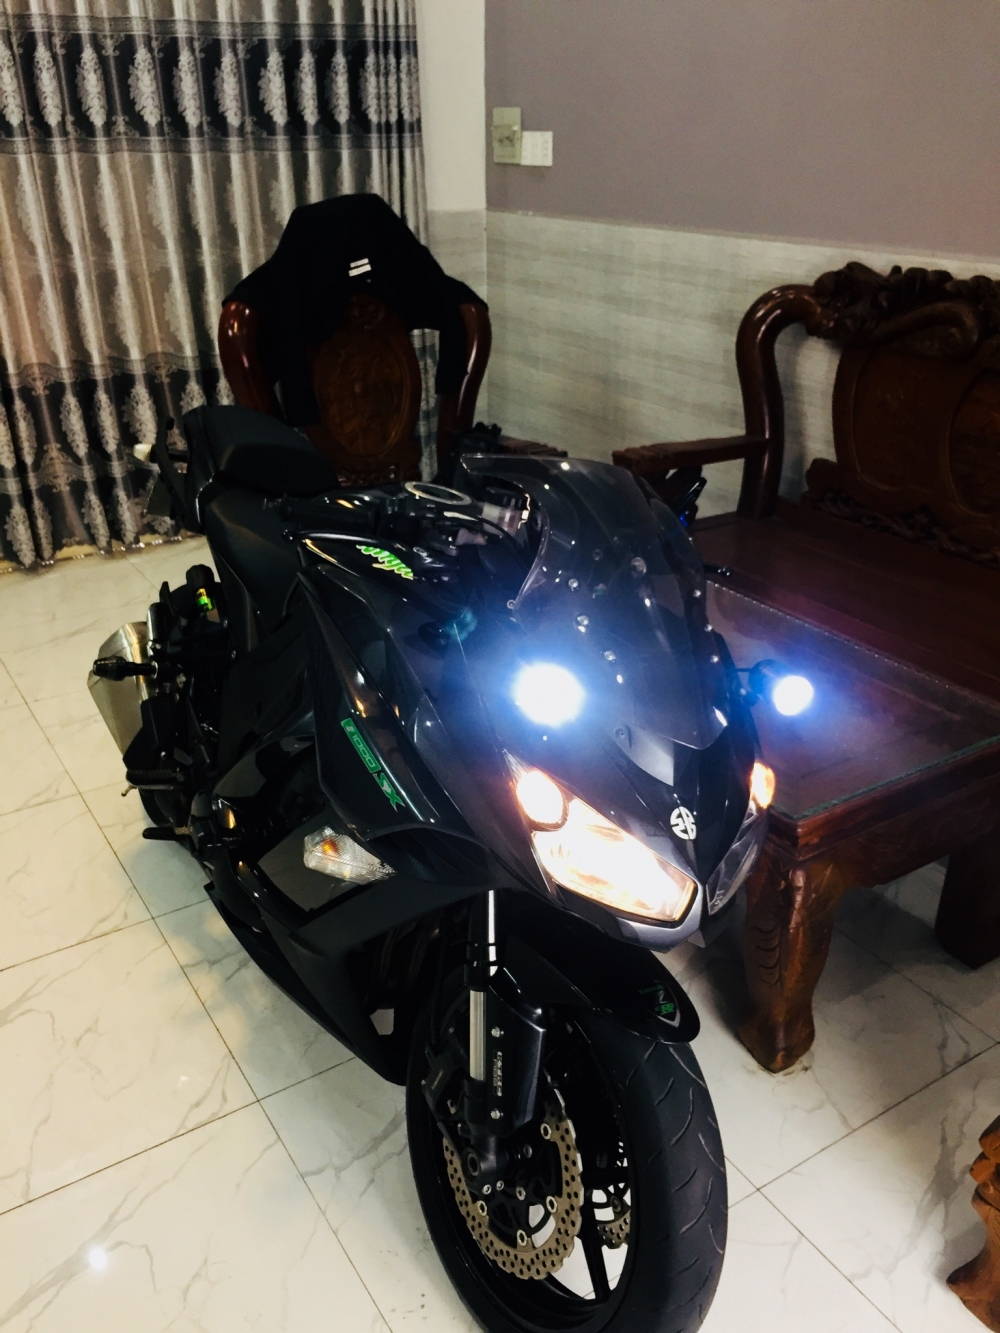 Z1000sx ABS 2015 Chau Au sport touring Full power KTRC 3mode BSTP zin keng vua lot keo trong - 10